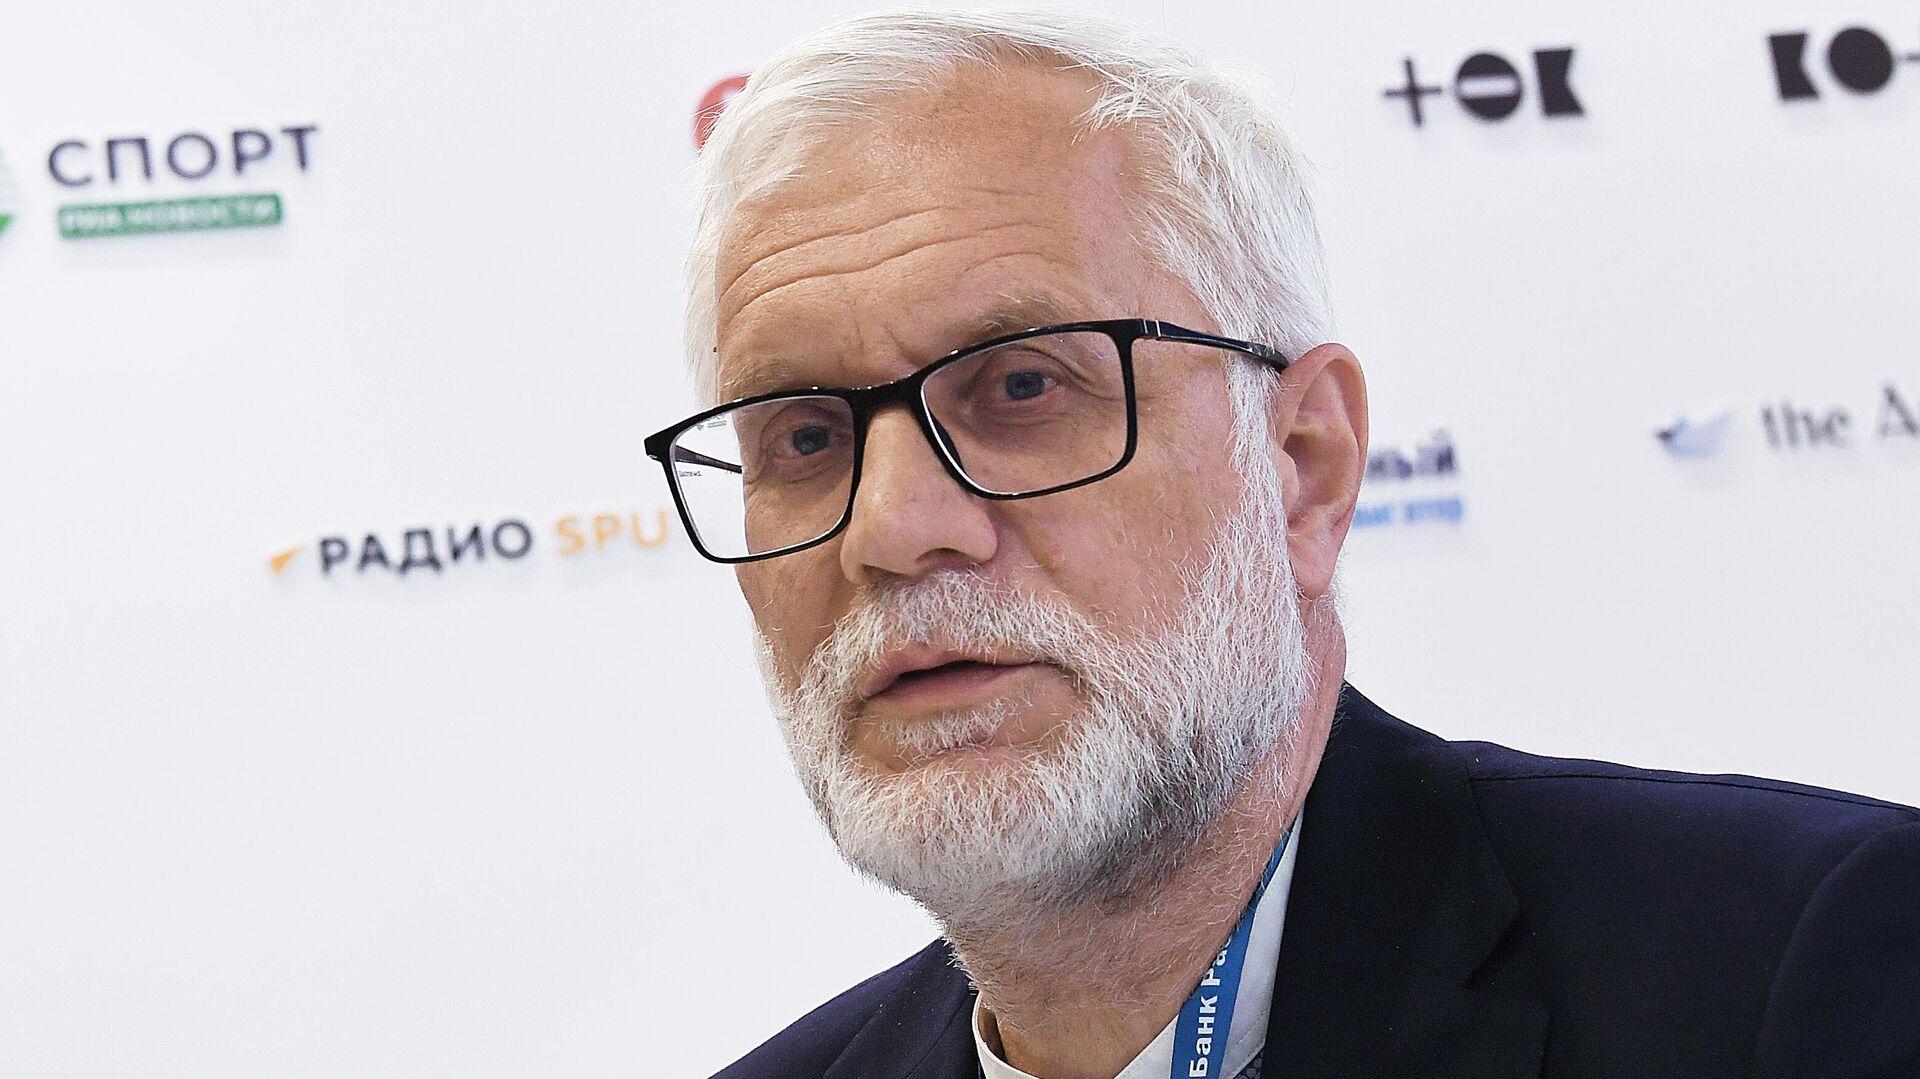 Советник председателя правления Евразийского банка развития (ЕАБР) Григорий Марченко - Sputnik Узбекистан, 1920, 04.06.2021